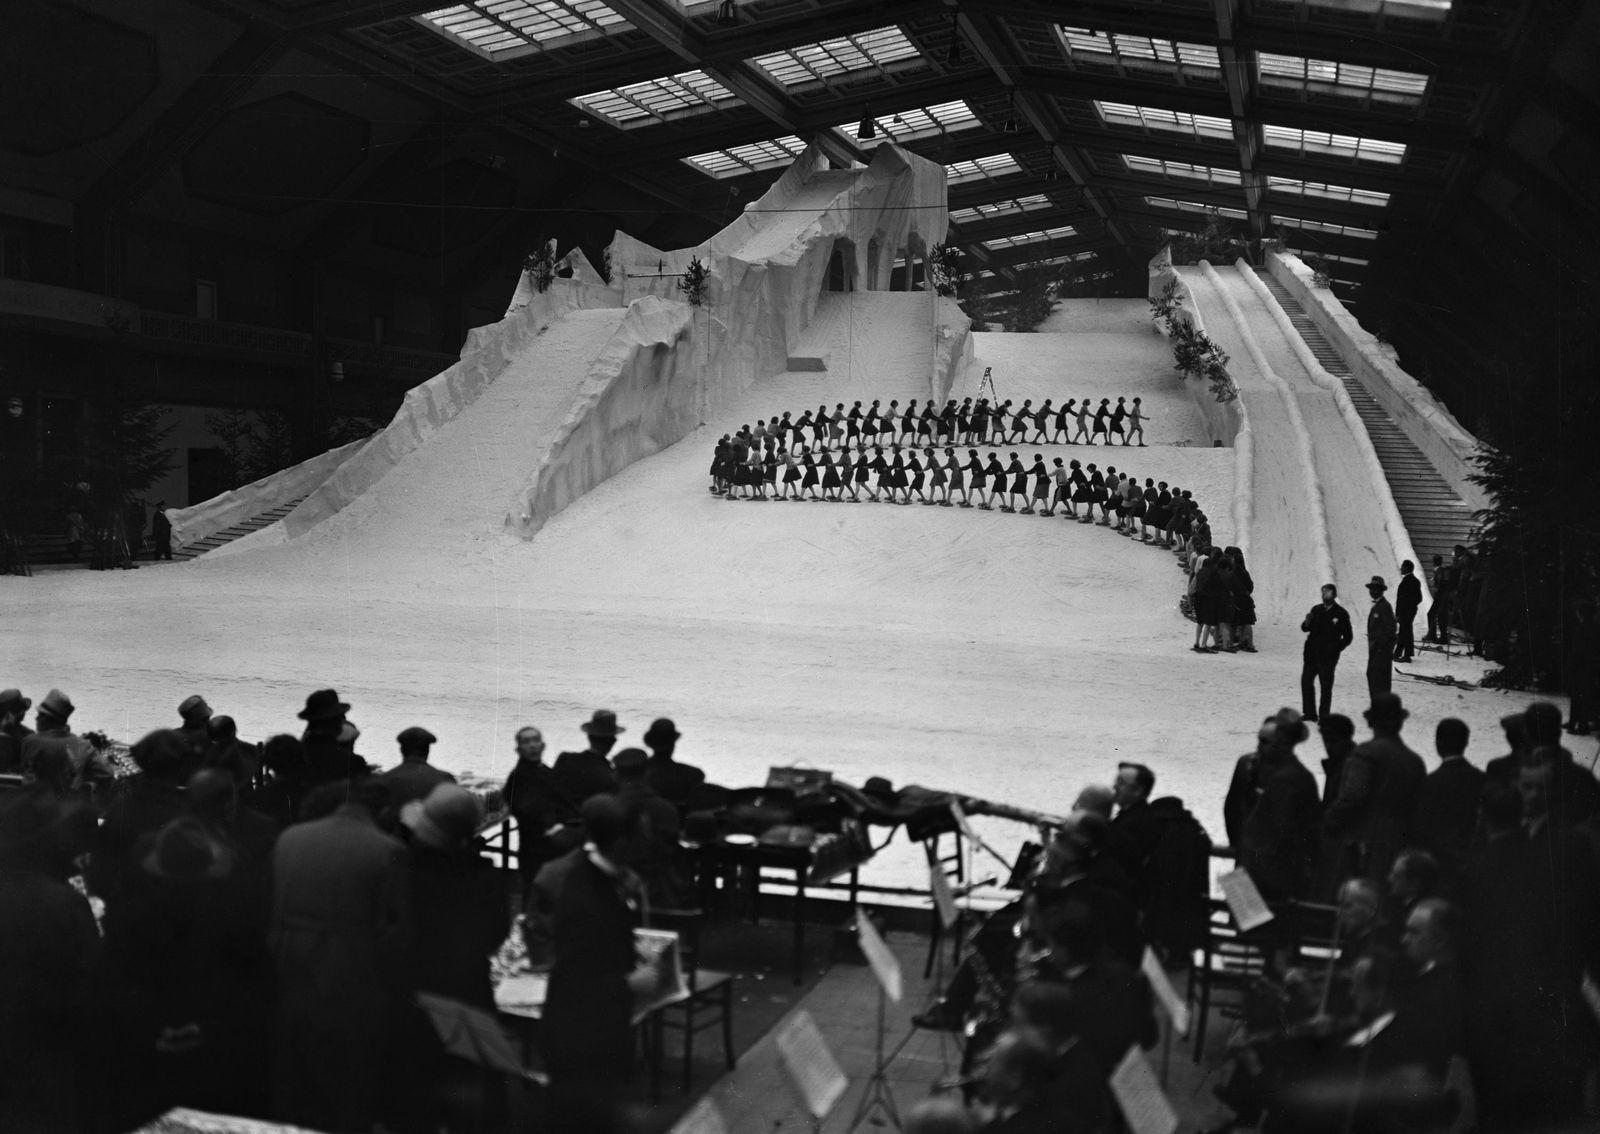 Eis-Girls bei ihren Eissport-Vorführungen im Berliner Schneepalast am Kaiserdamm, 1927 © bpk / Kunstbibliothek, SMB / Willy Römer